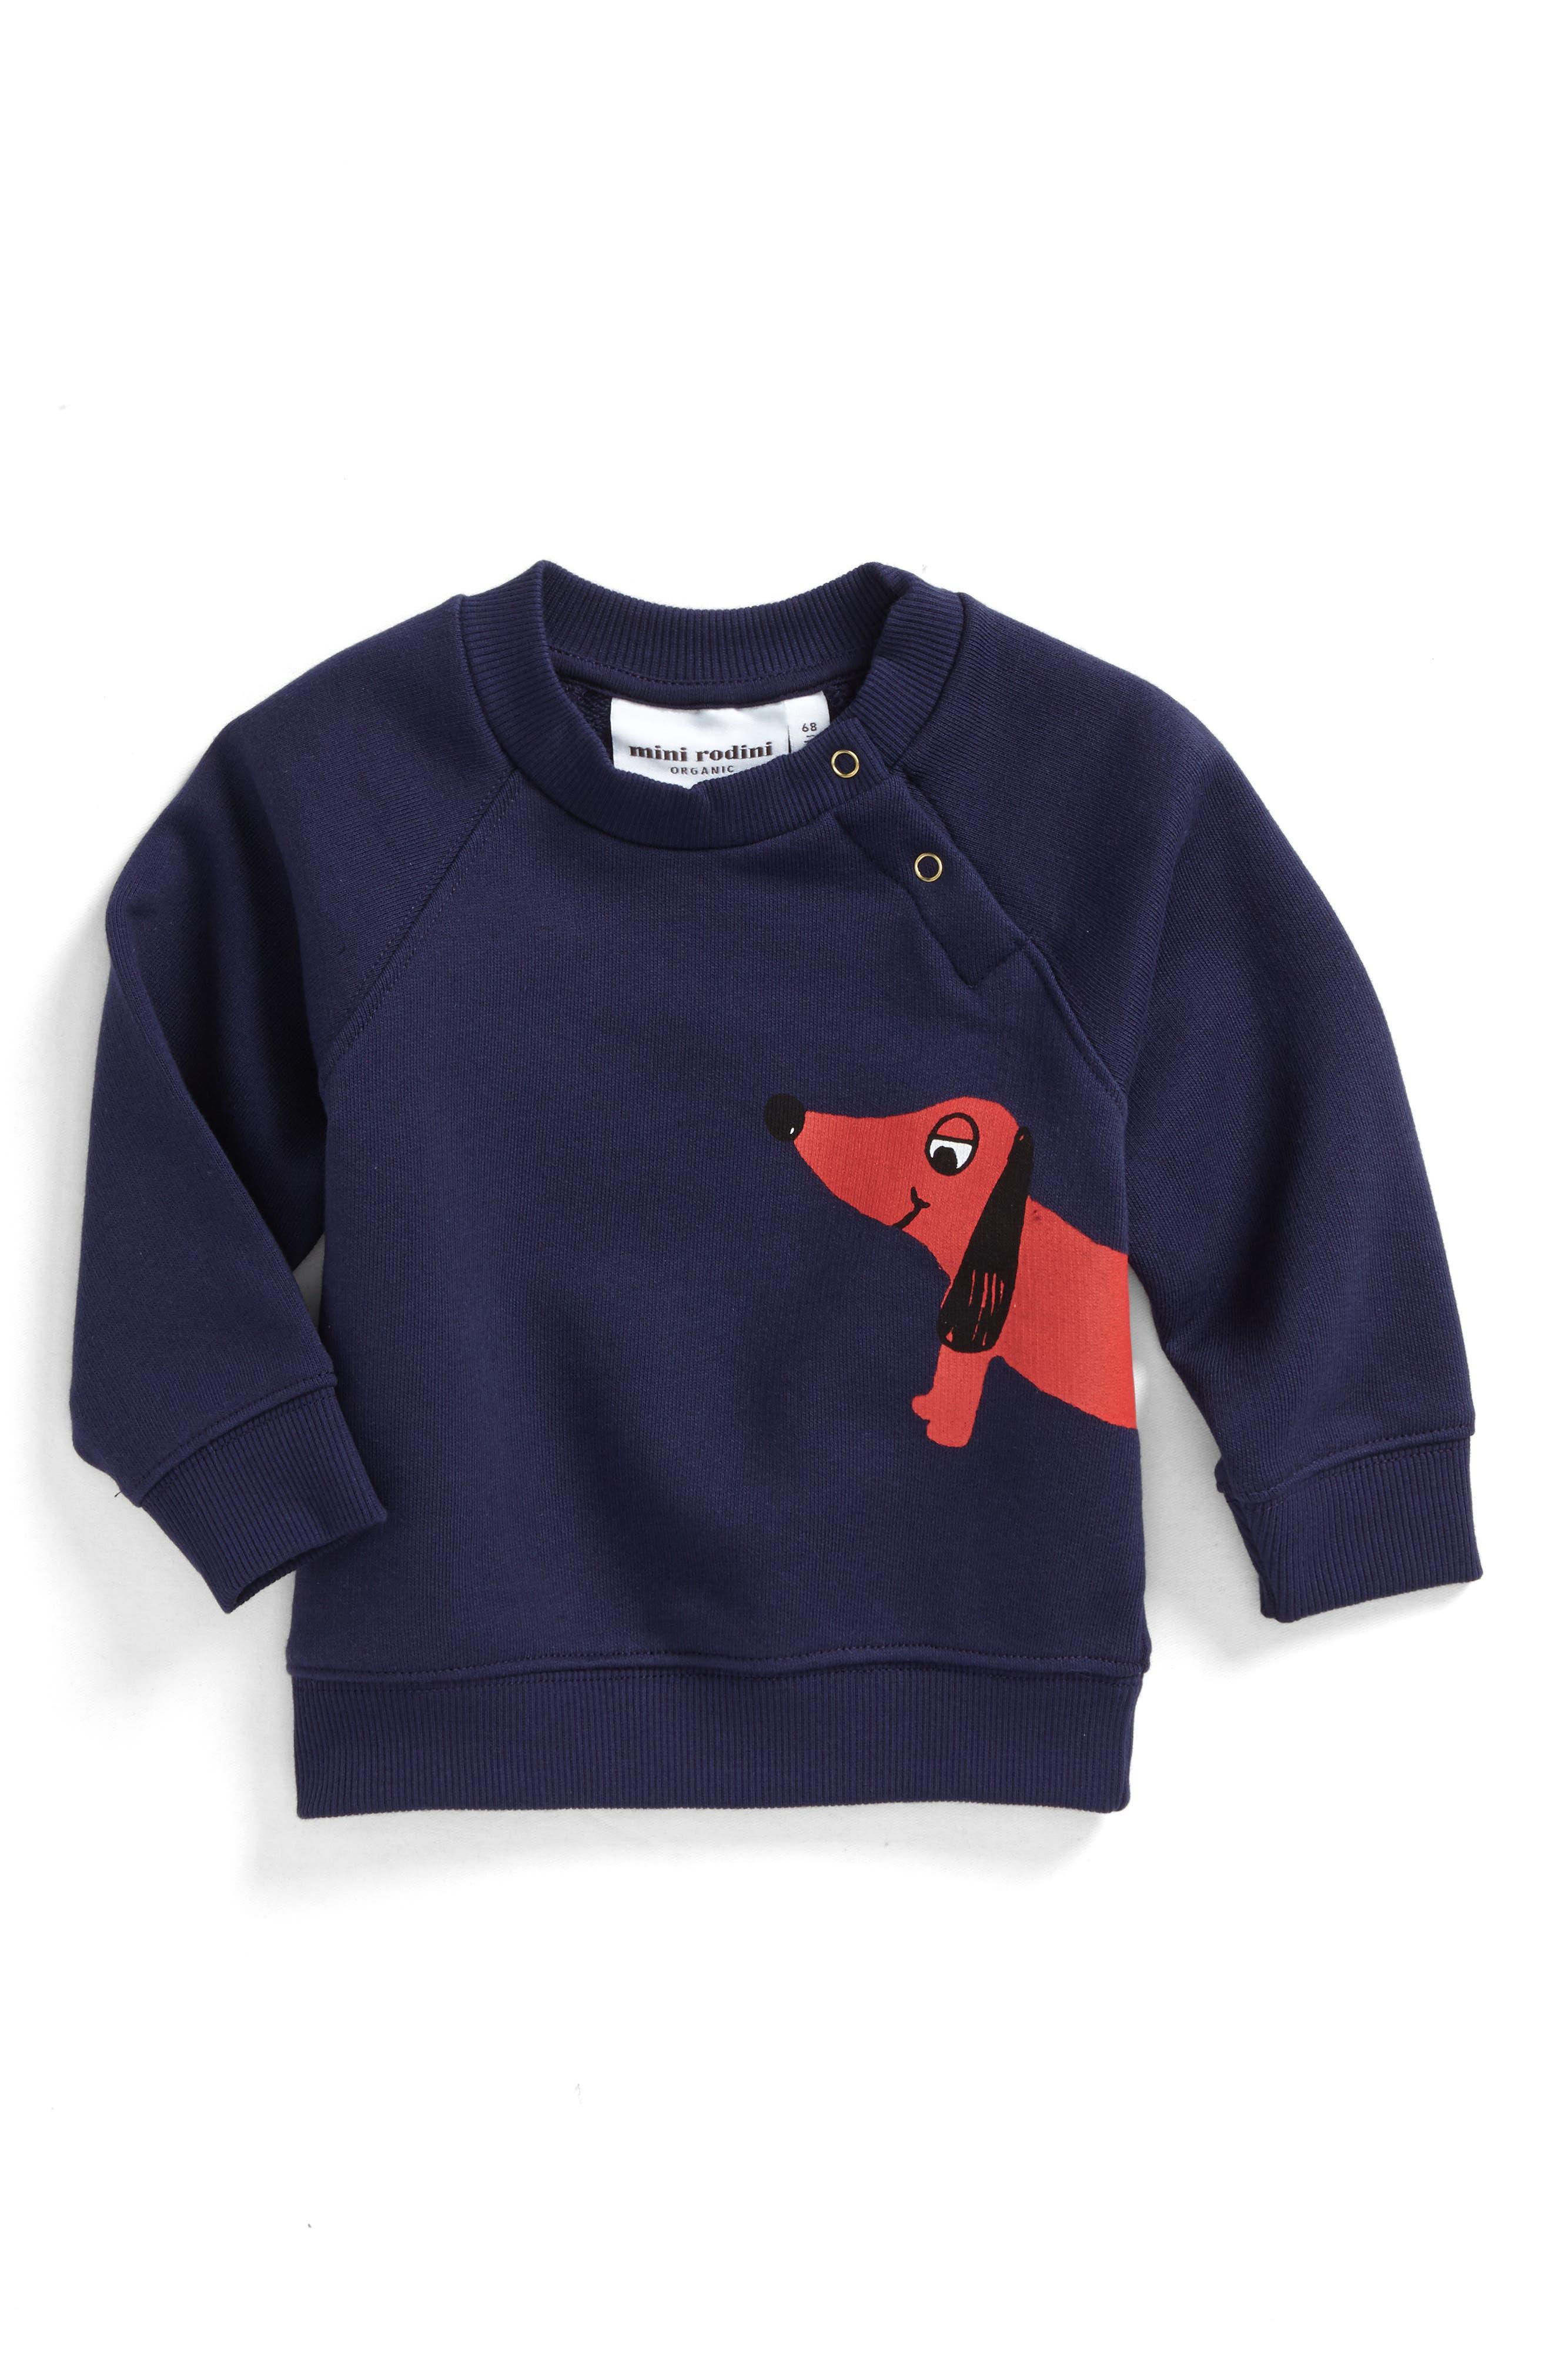 Alternate Image 1 Selected - Mini Rodini Dog Sweatshirt (Baby Boys)